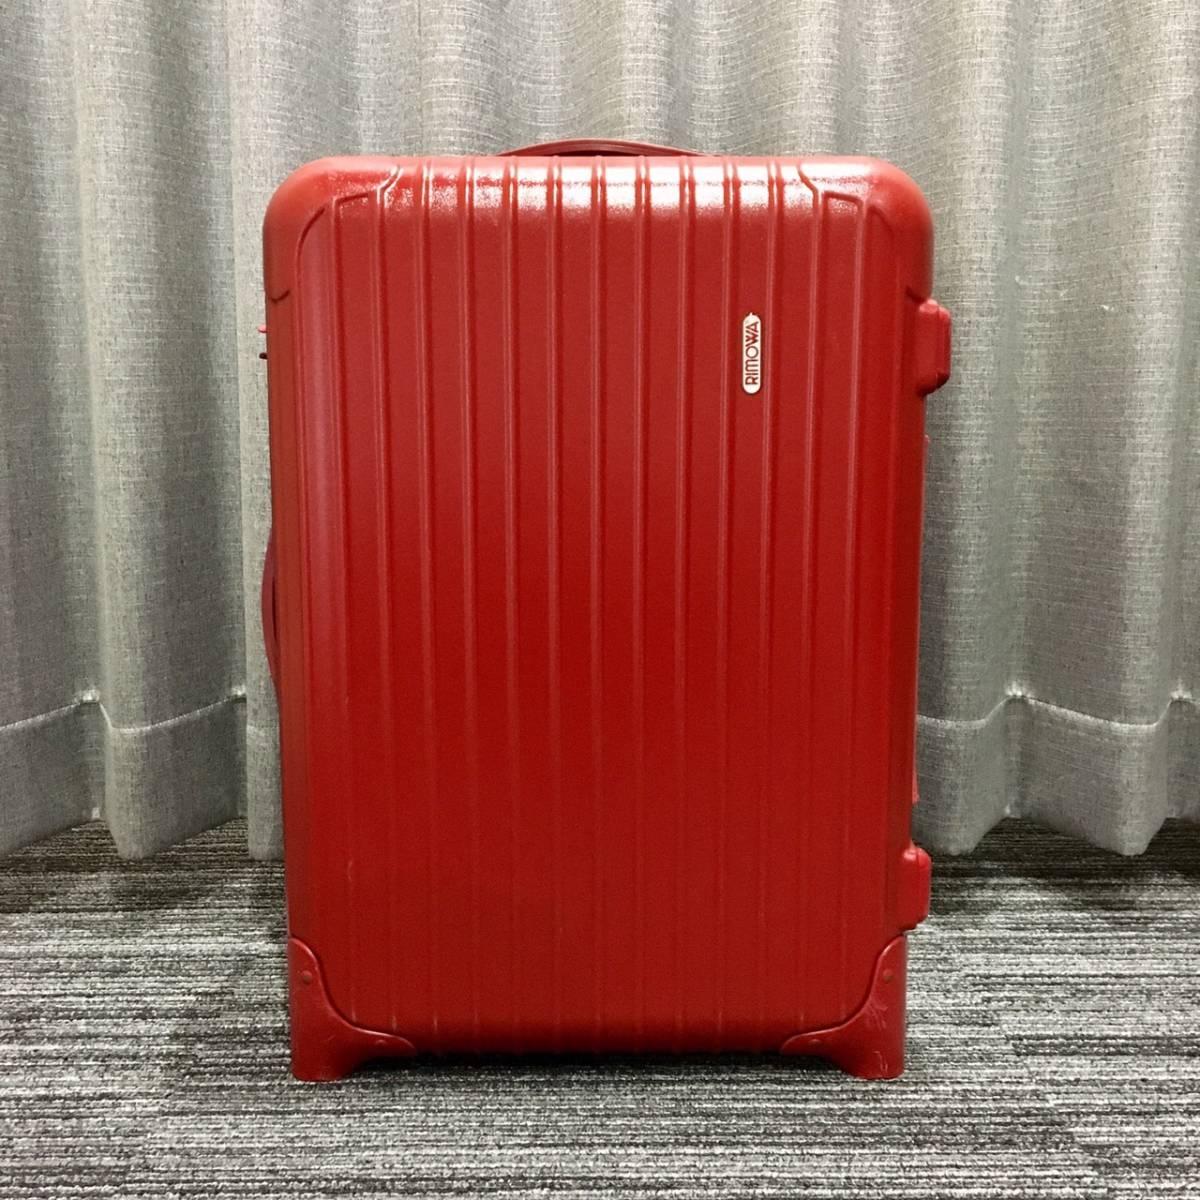 43e10eeb89 【廃盤】RIMOWA SALSA リモワ サルサ レッド 2輪 キャビントローリー TSAロック スーツケース